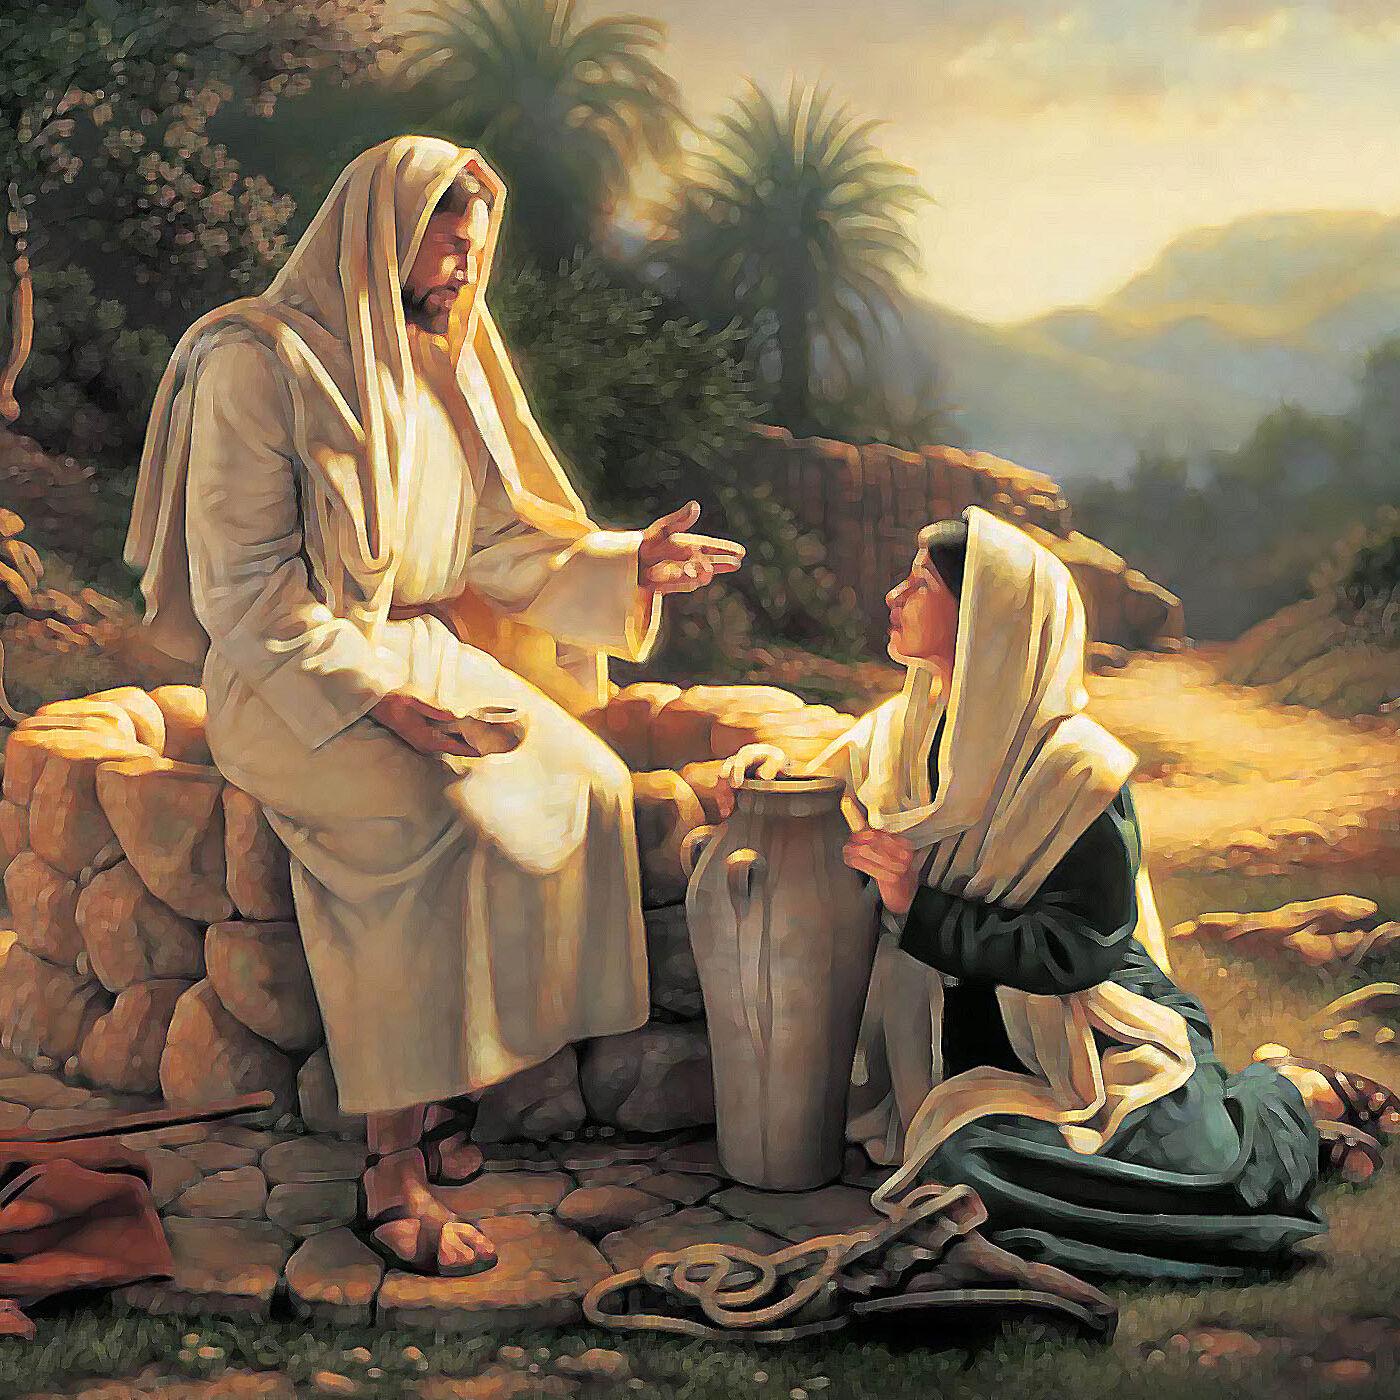 riflessioni sul Vangelo di Lunedì 22 Marzo 2021 (Gv 8, 1-11)